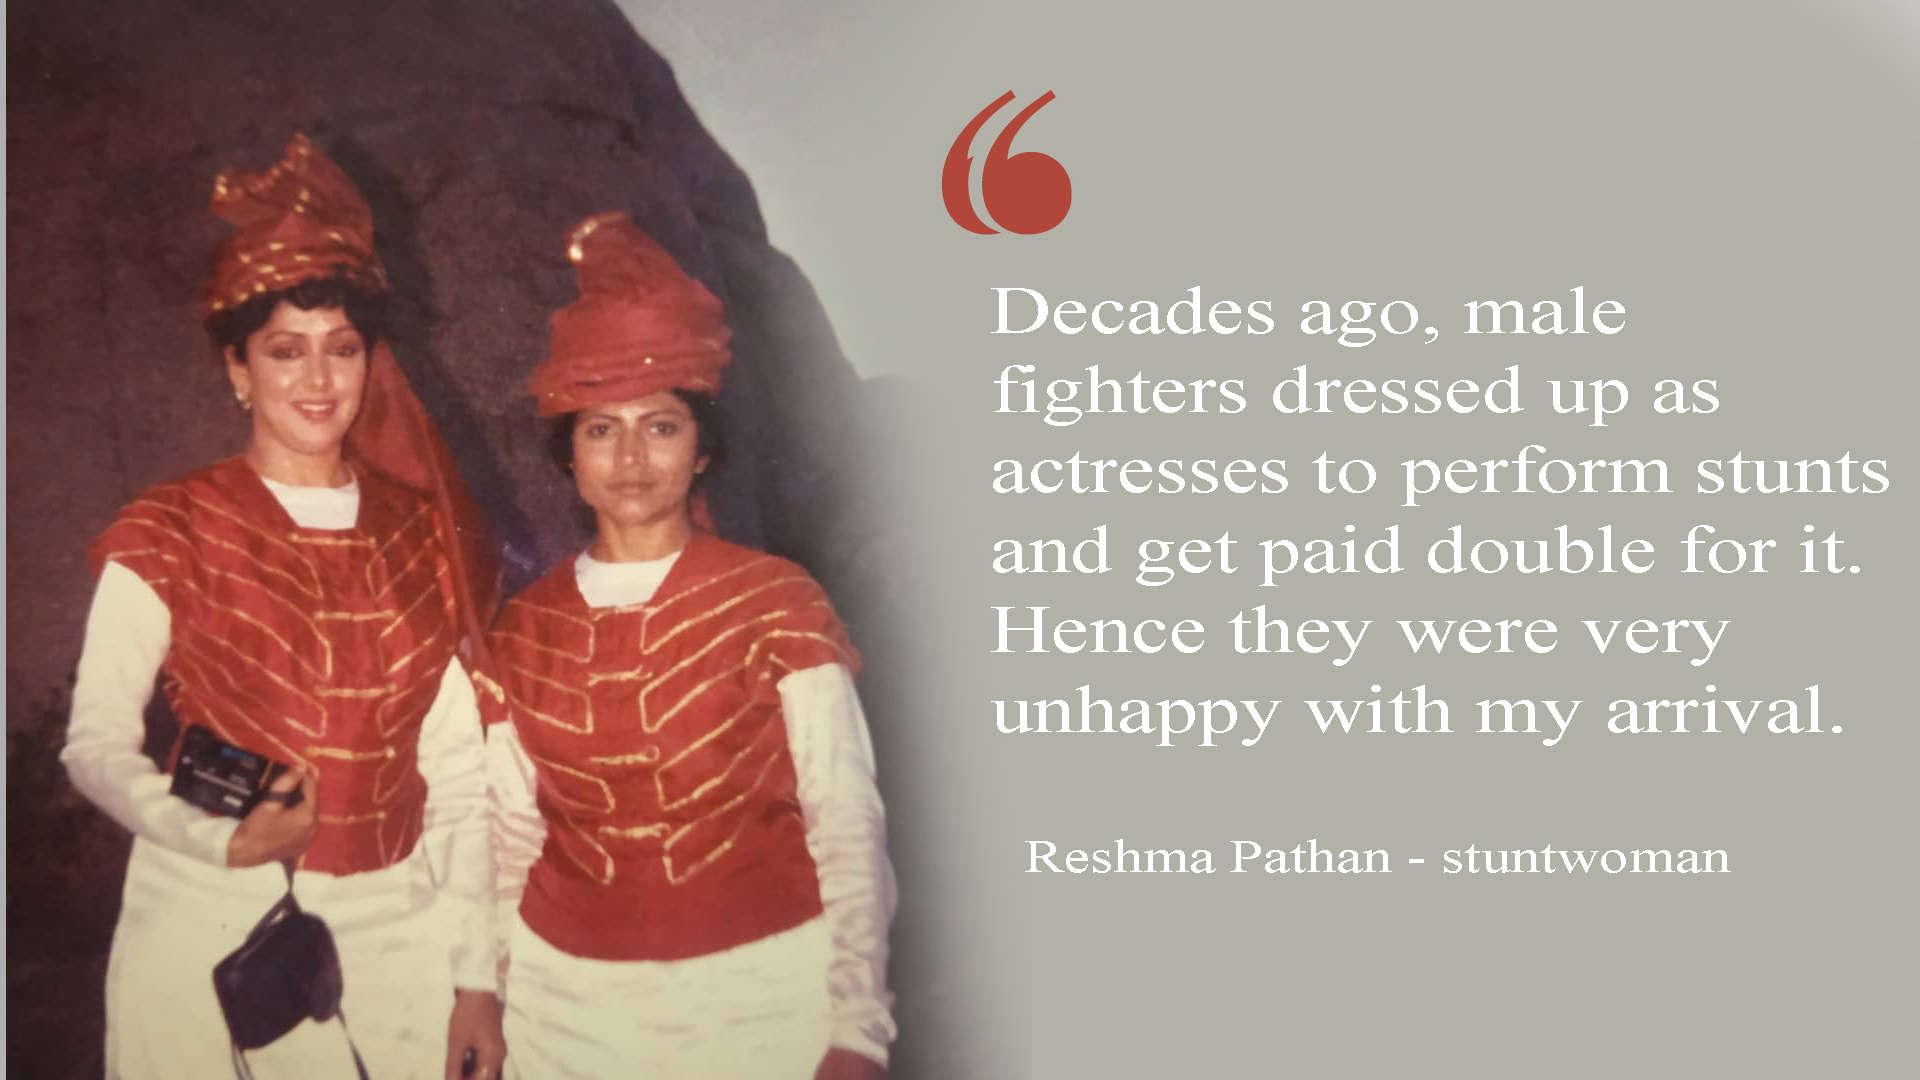 Reshma Pathan